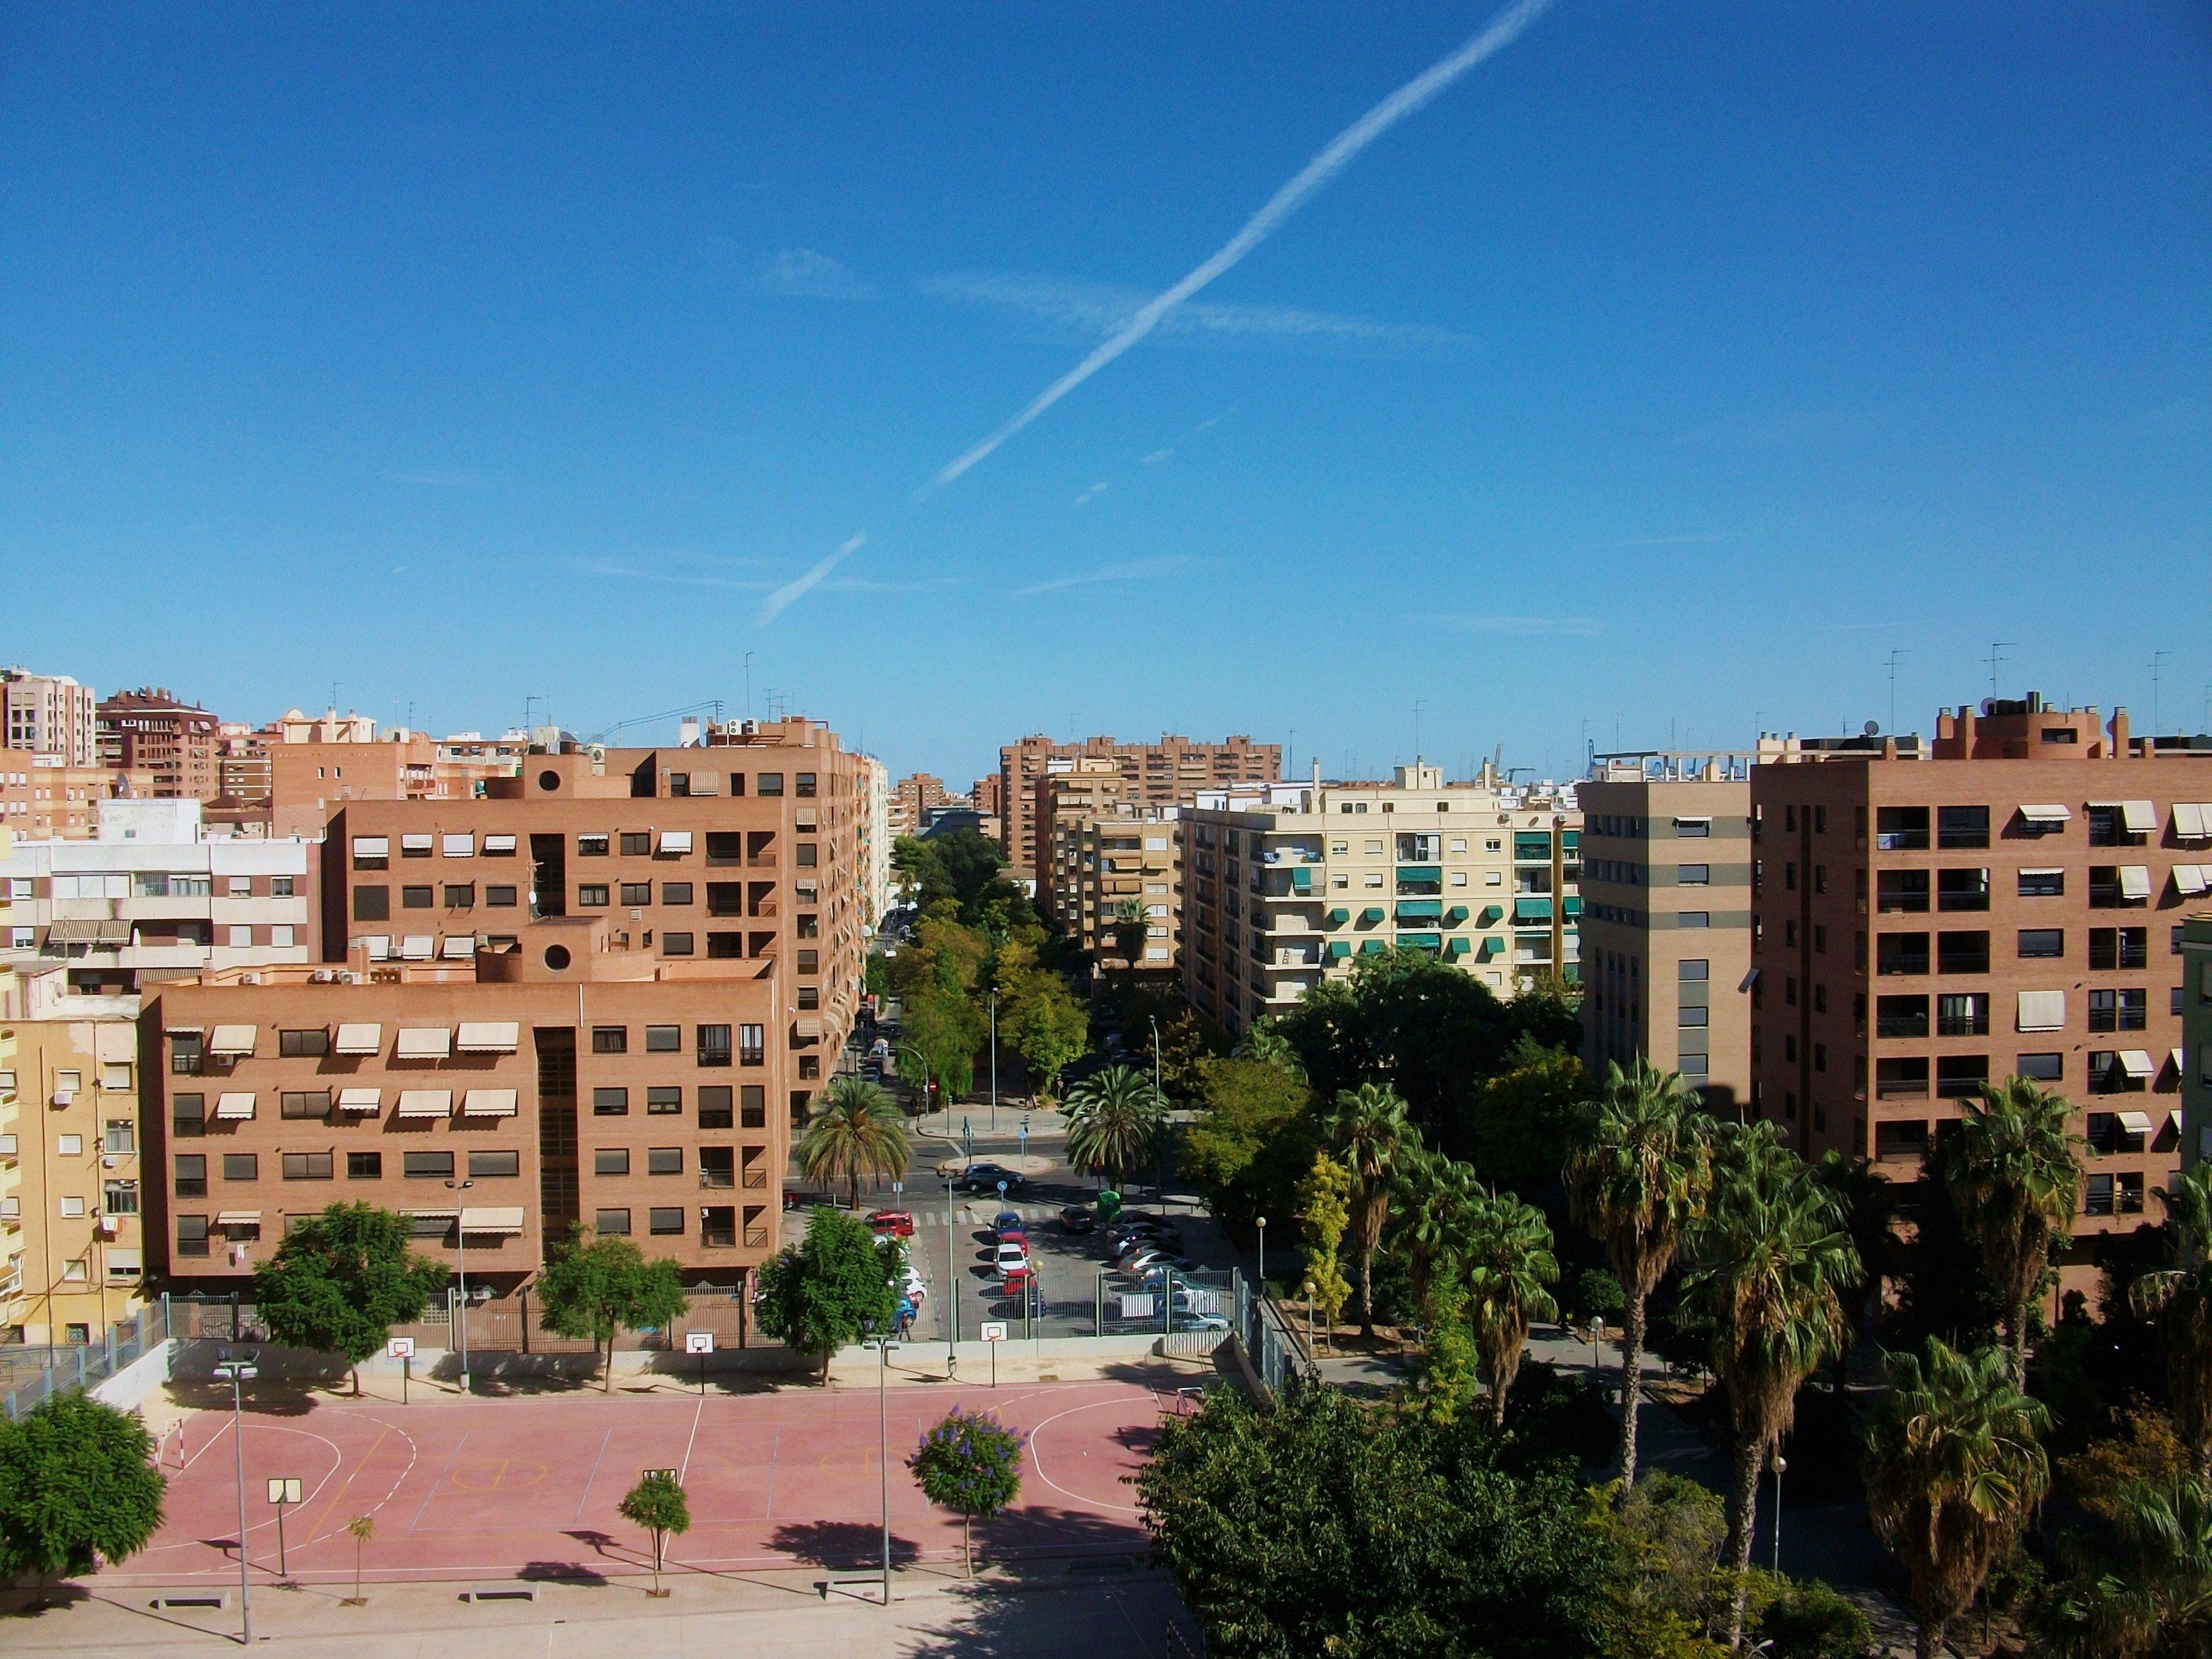 Les quartiers Algiros et Pla de Real sont les quartiers des universités.